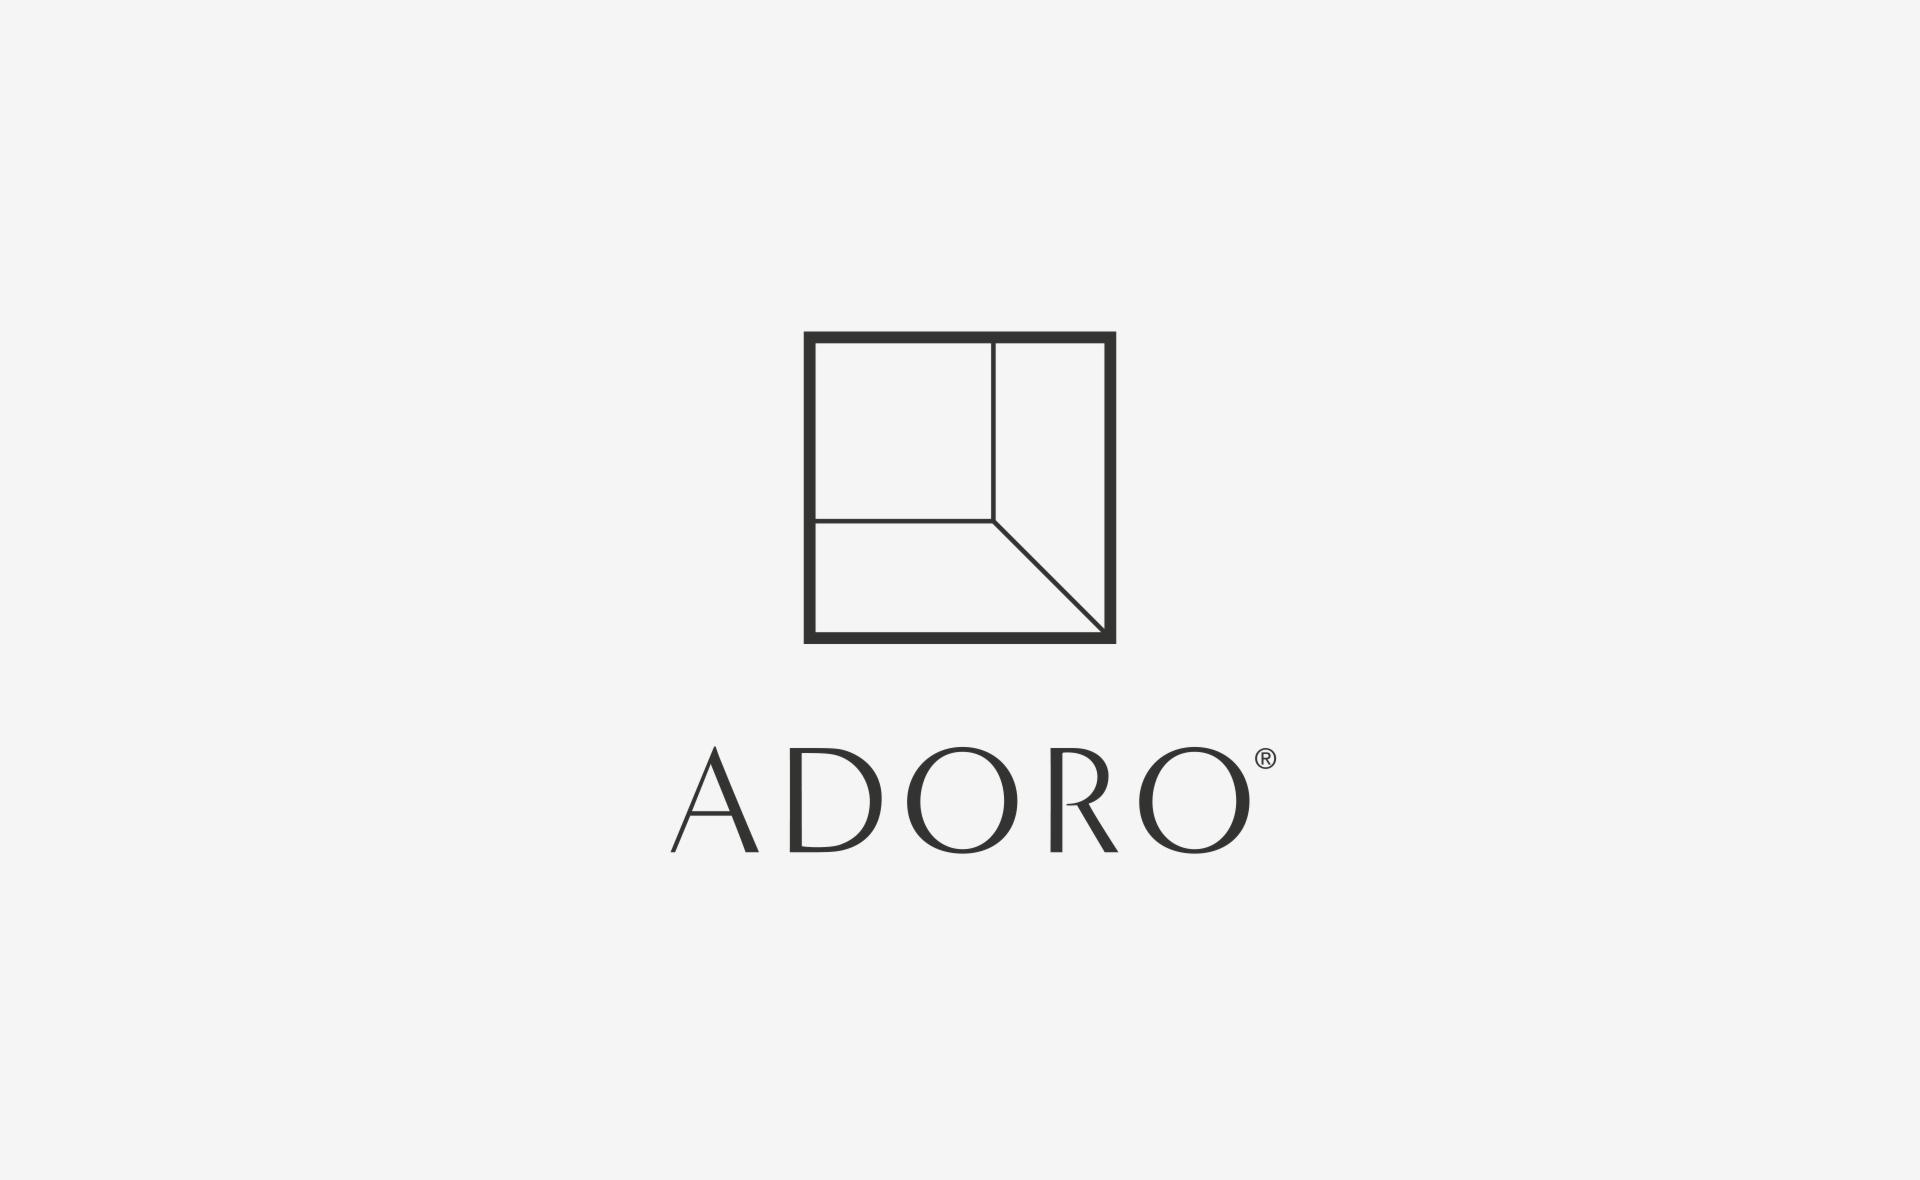 Adoro2